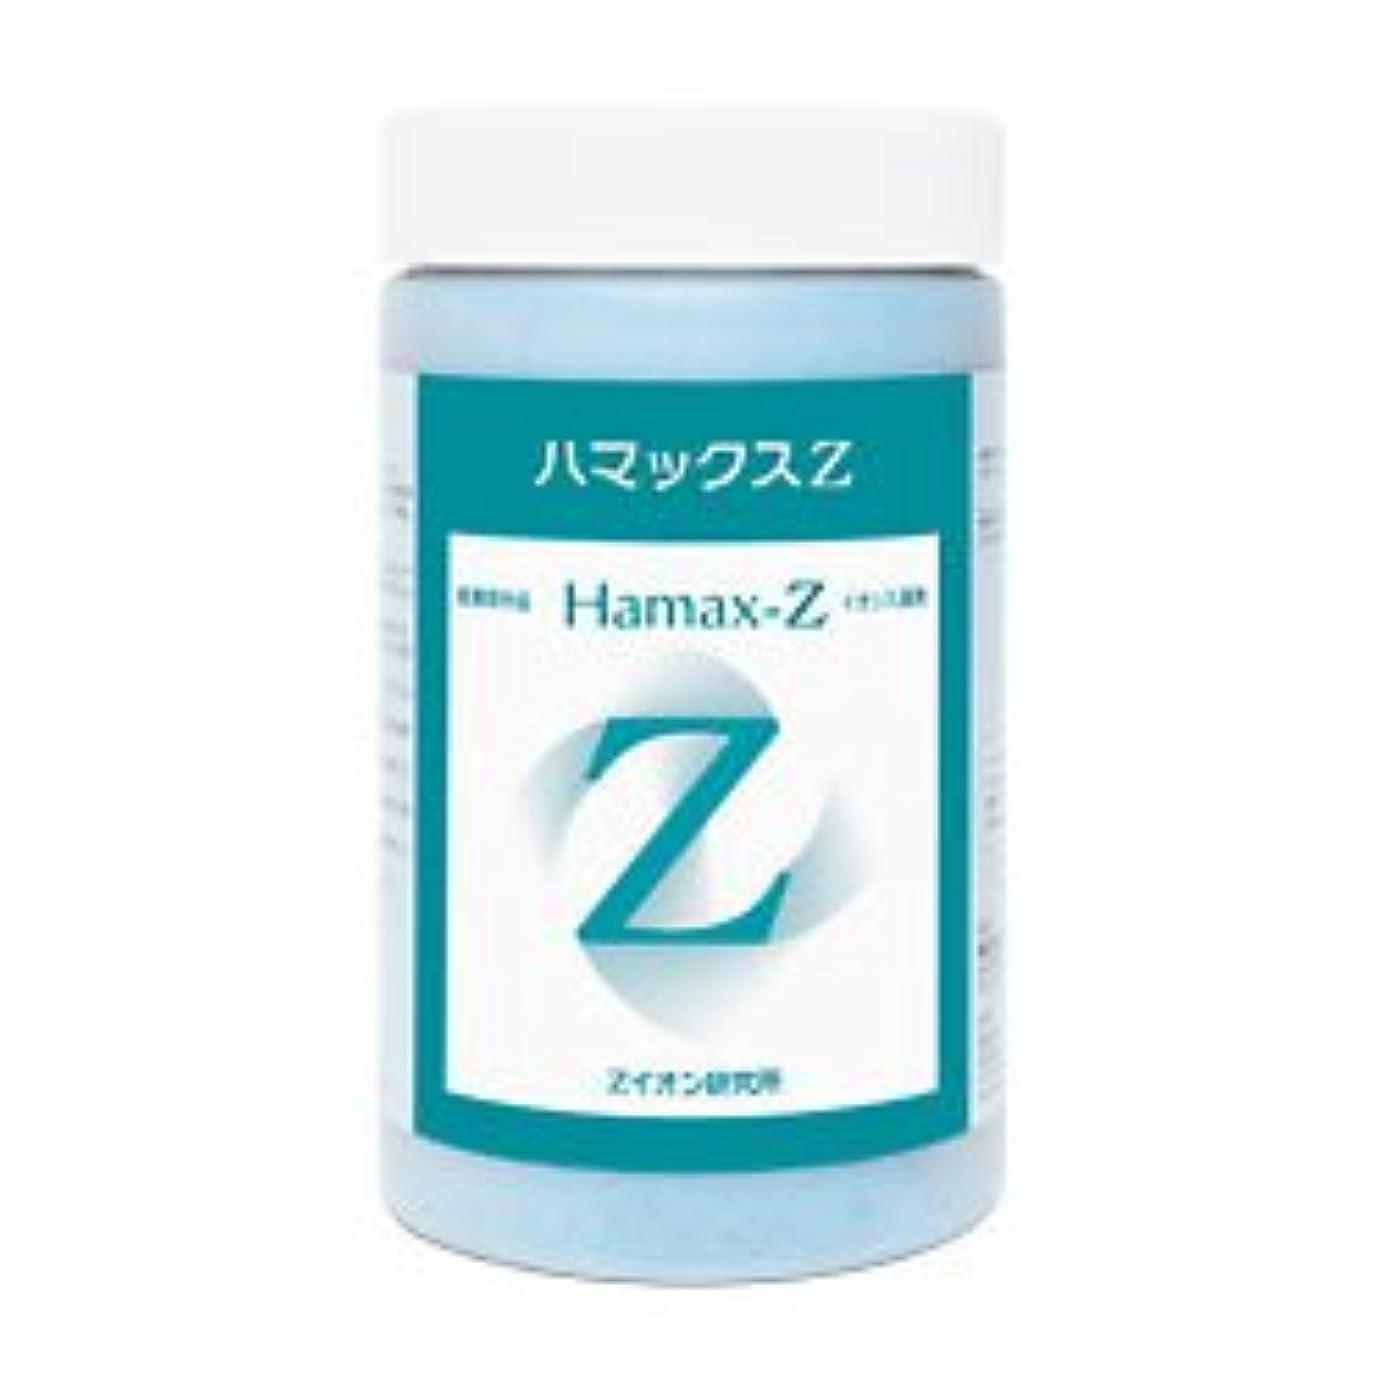 ライオンいつでもタイト医薬部外品 イオン入湯剤ハマックスZ 700g